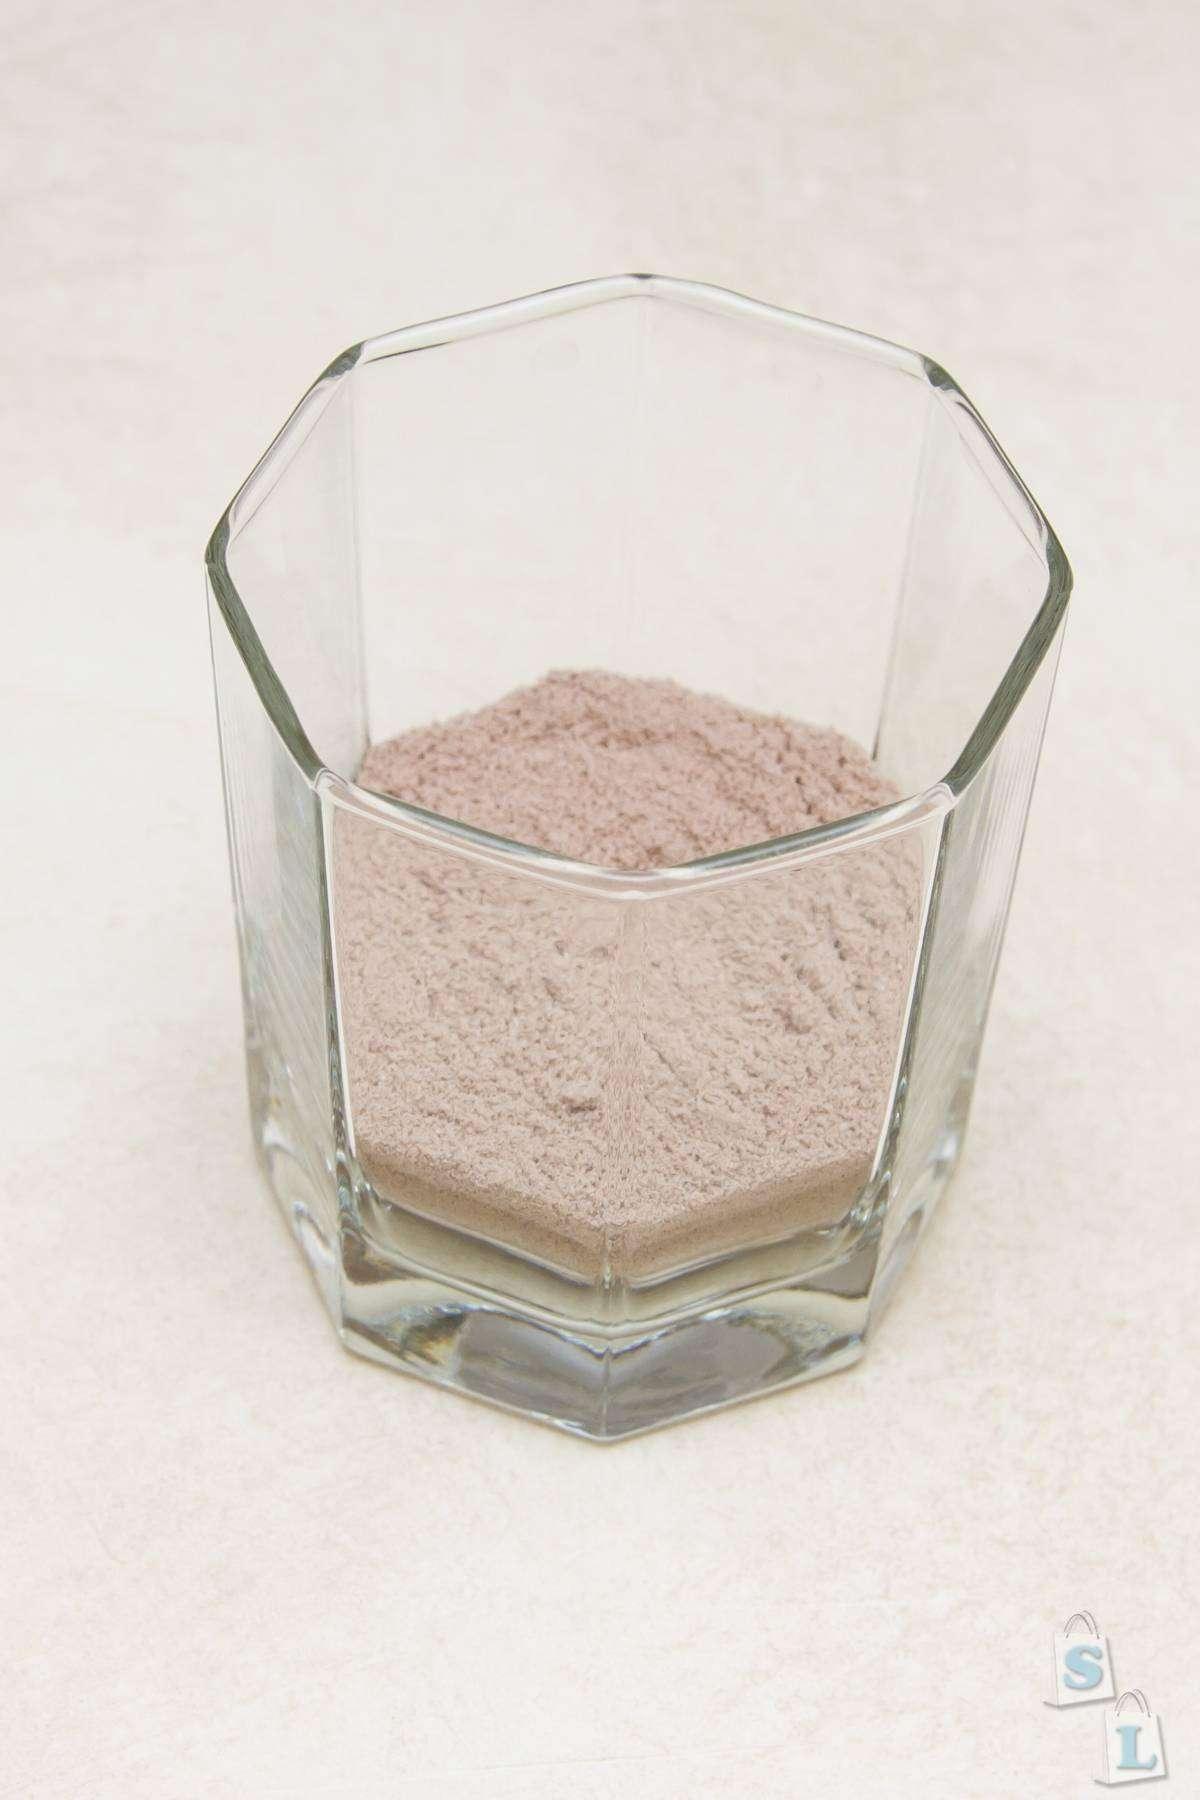 IHerb: Протеин Optimum Nutrition, и как получить скидку на первый заказ в iherb